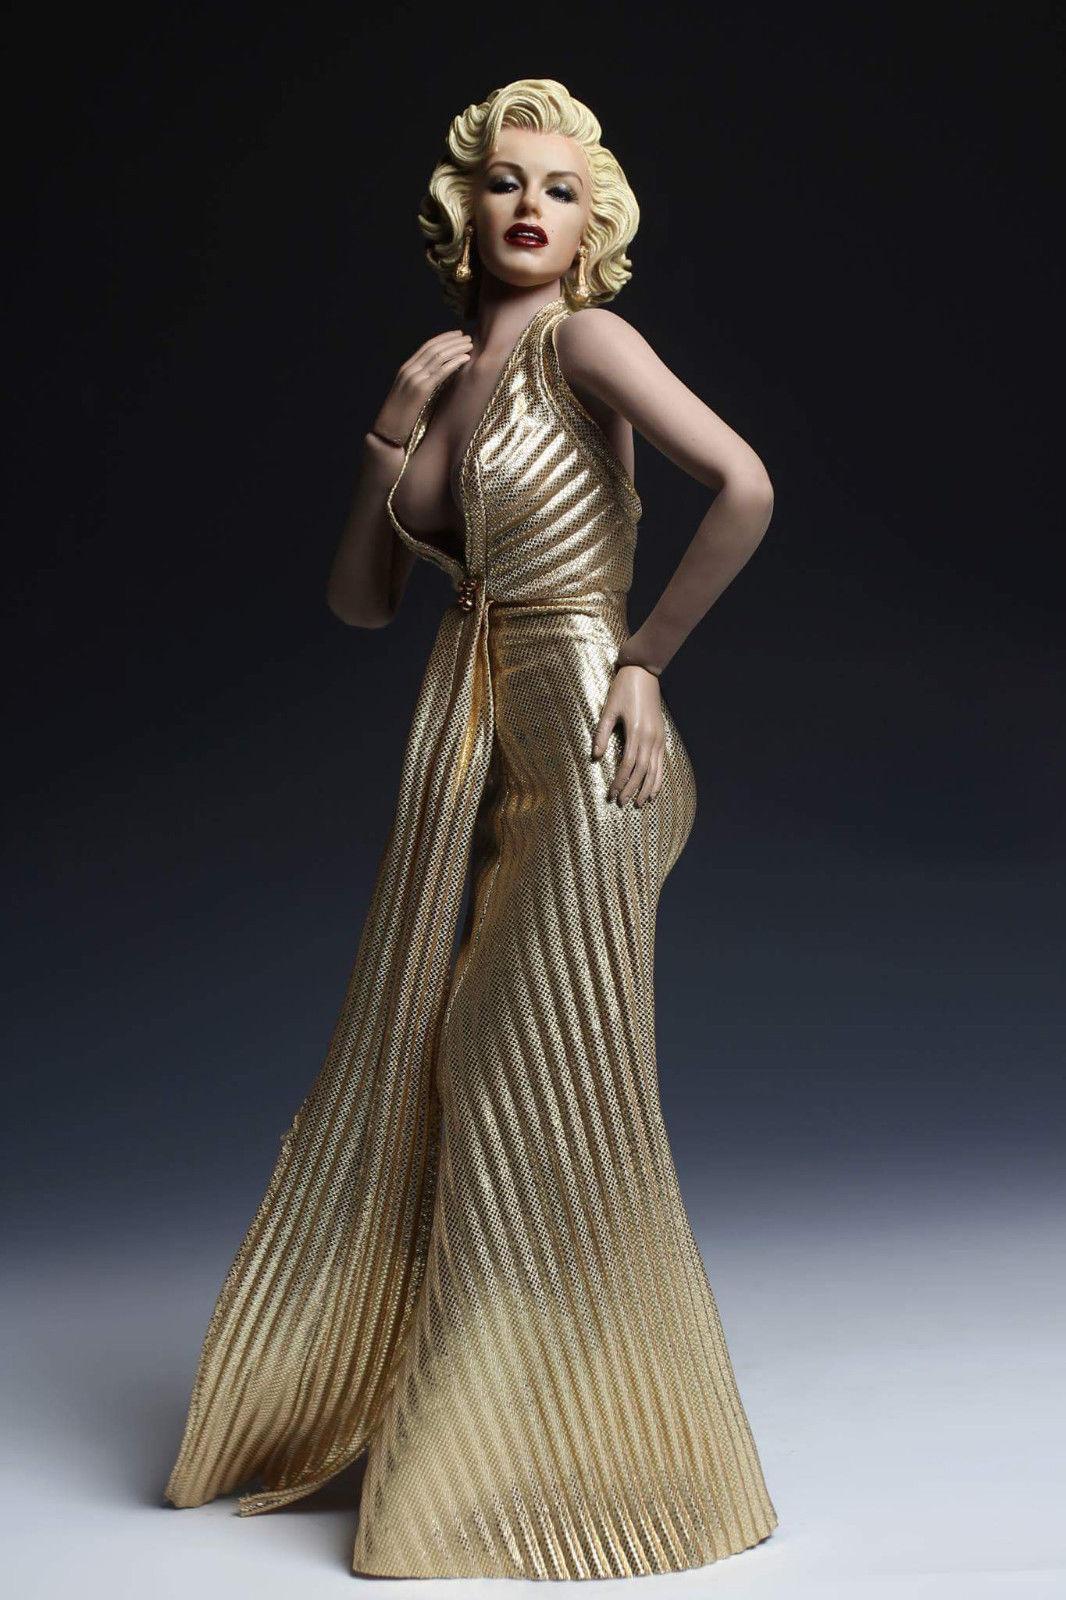 Hazlo tú mismo 1 6 Marilyn Monroe Muñeca Figura Femenina ph y juguetes de colección de cabeza vestido de oro